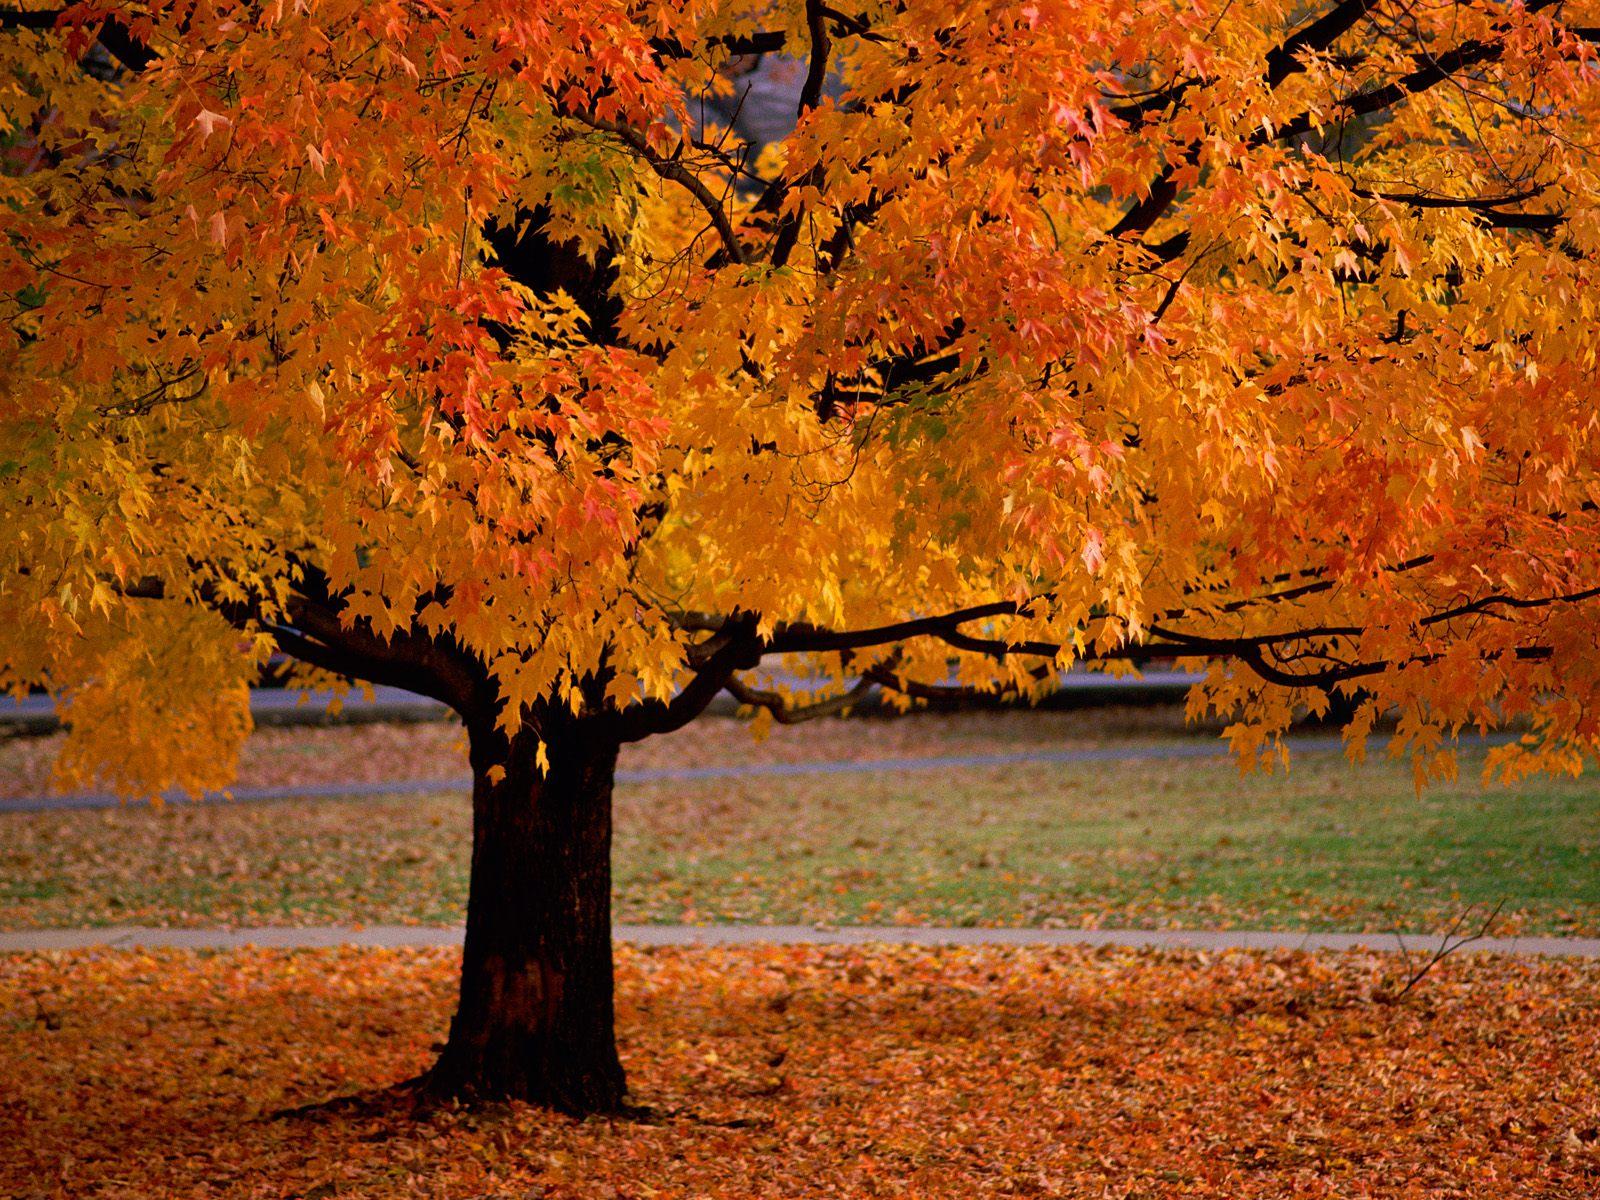 Fall Trees Wallpaper For Desktop Pourquoi Les Feuilles Des Arbres Tombent Elles En Automne